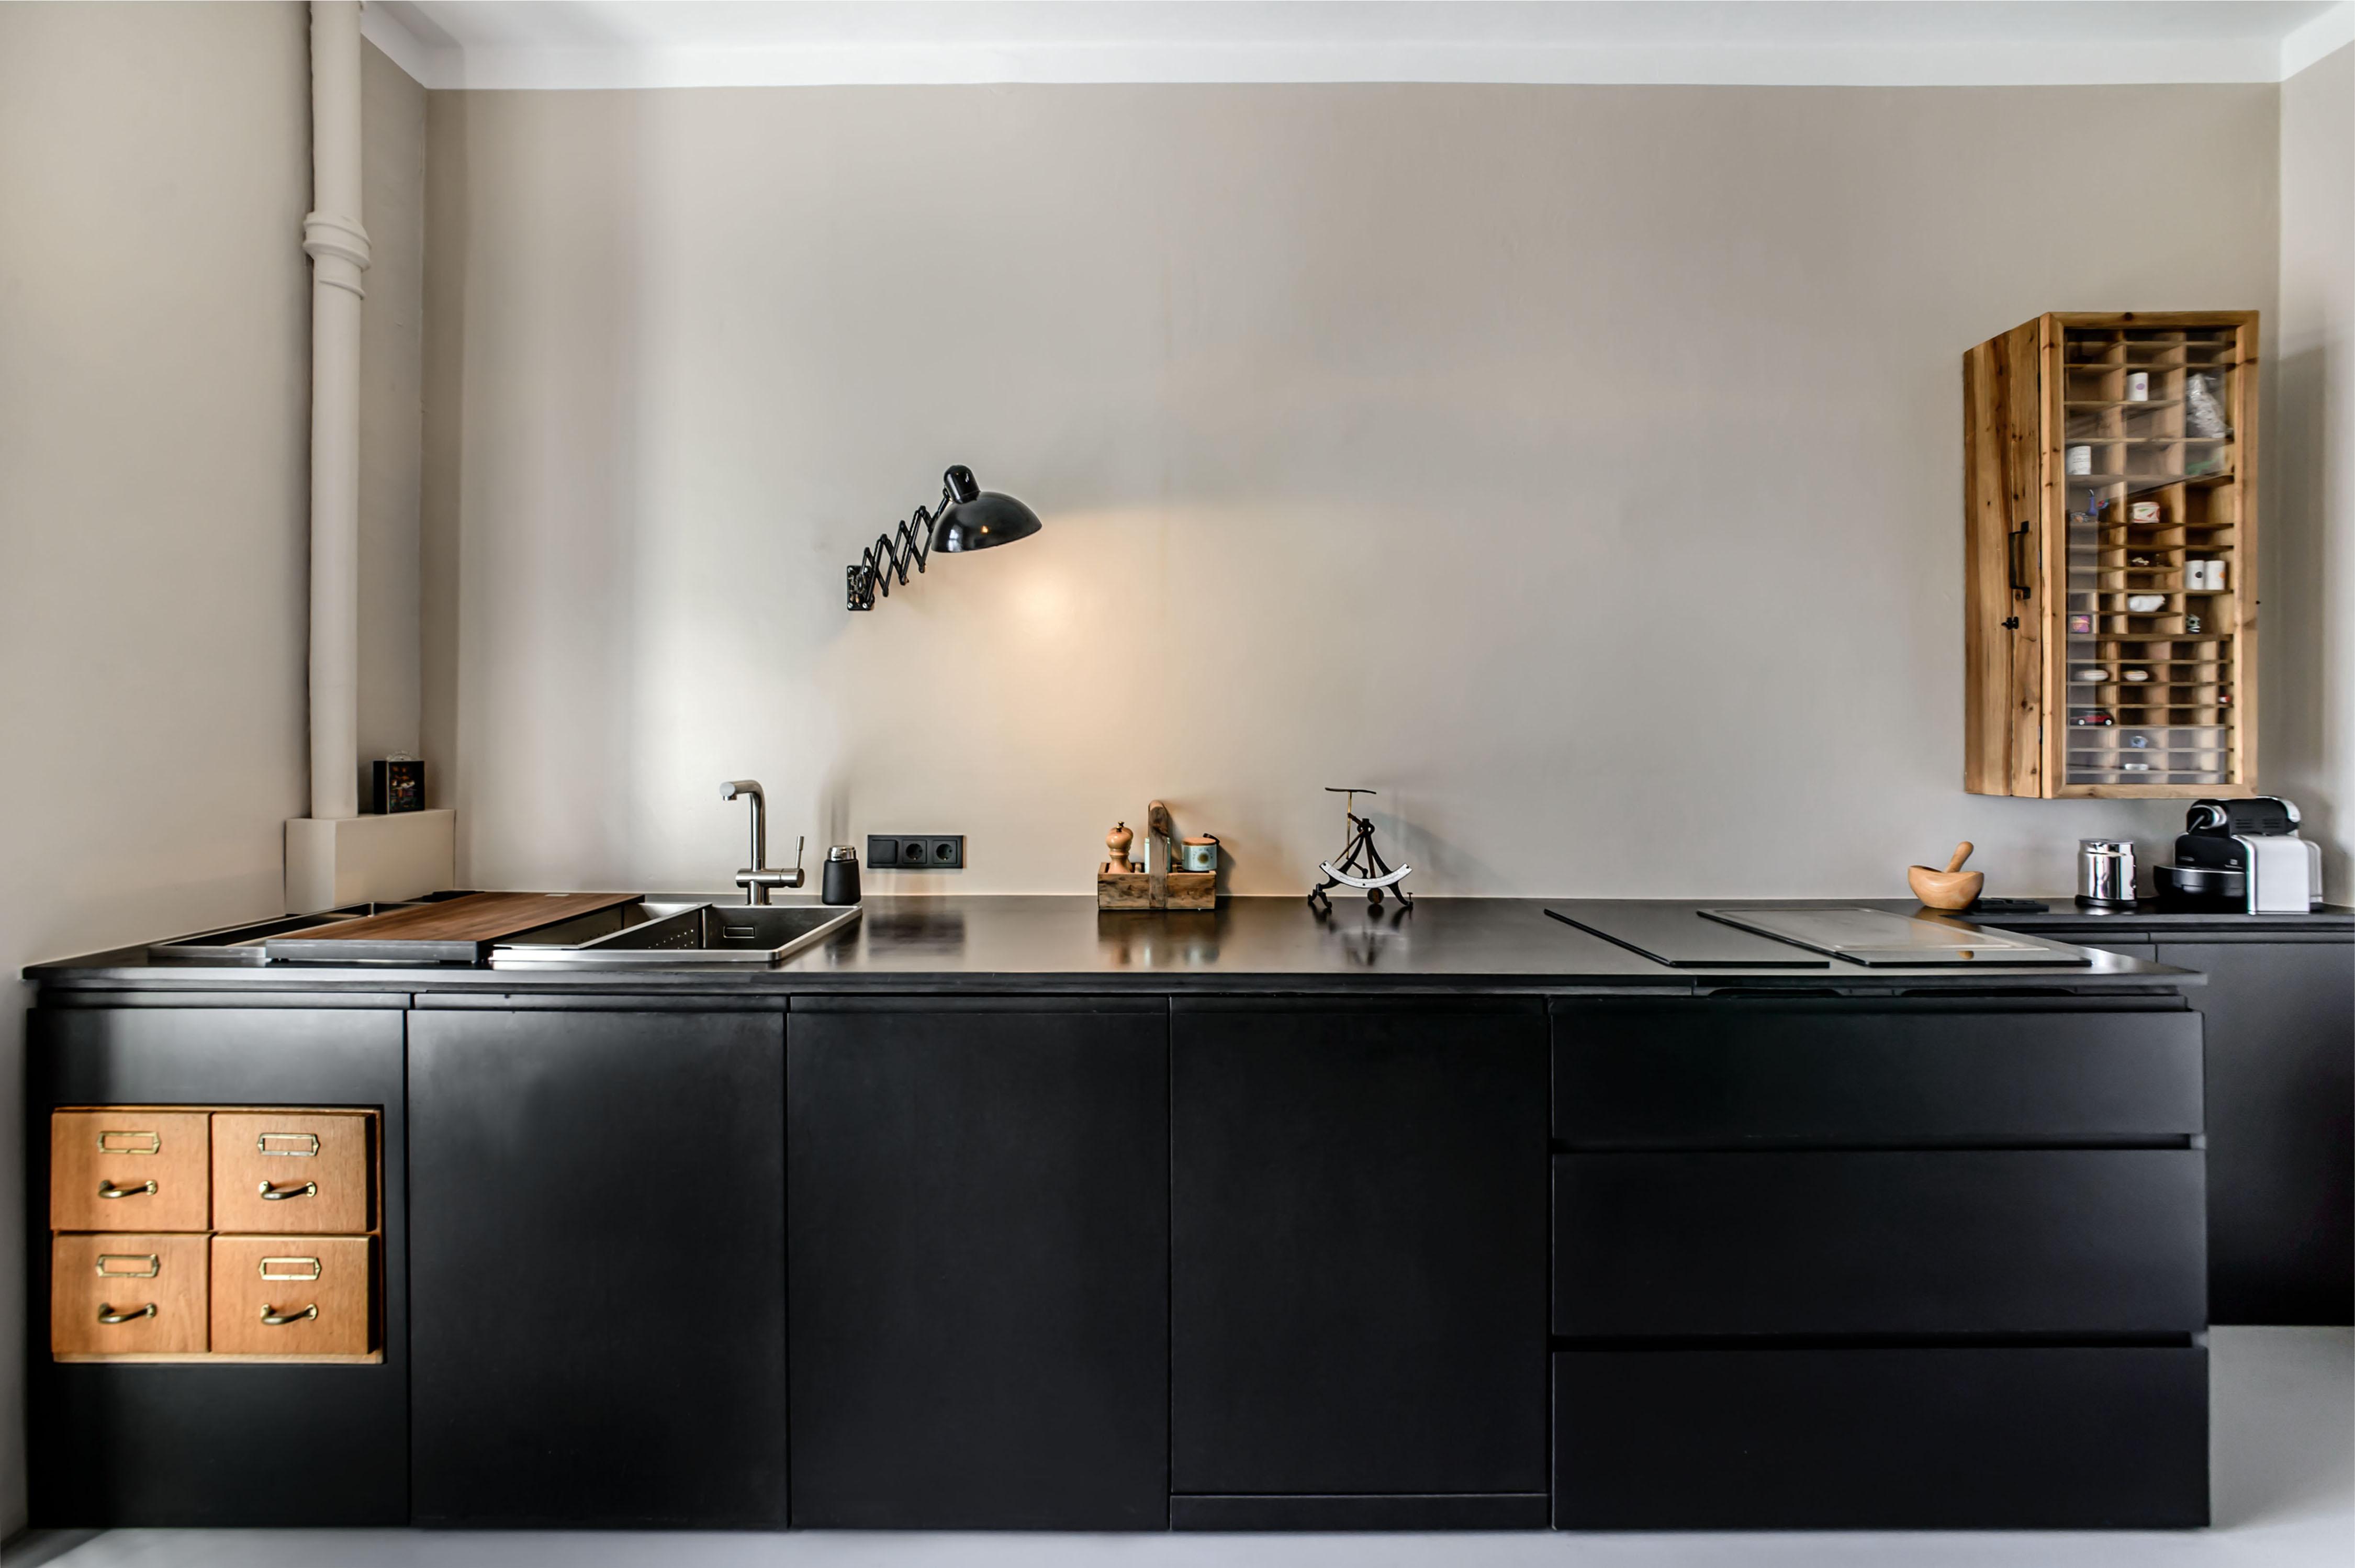 die schwarze k che muenchenarchitektur. Black Bedroom Furniture Sets. Home Design Ideas